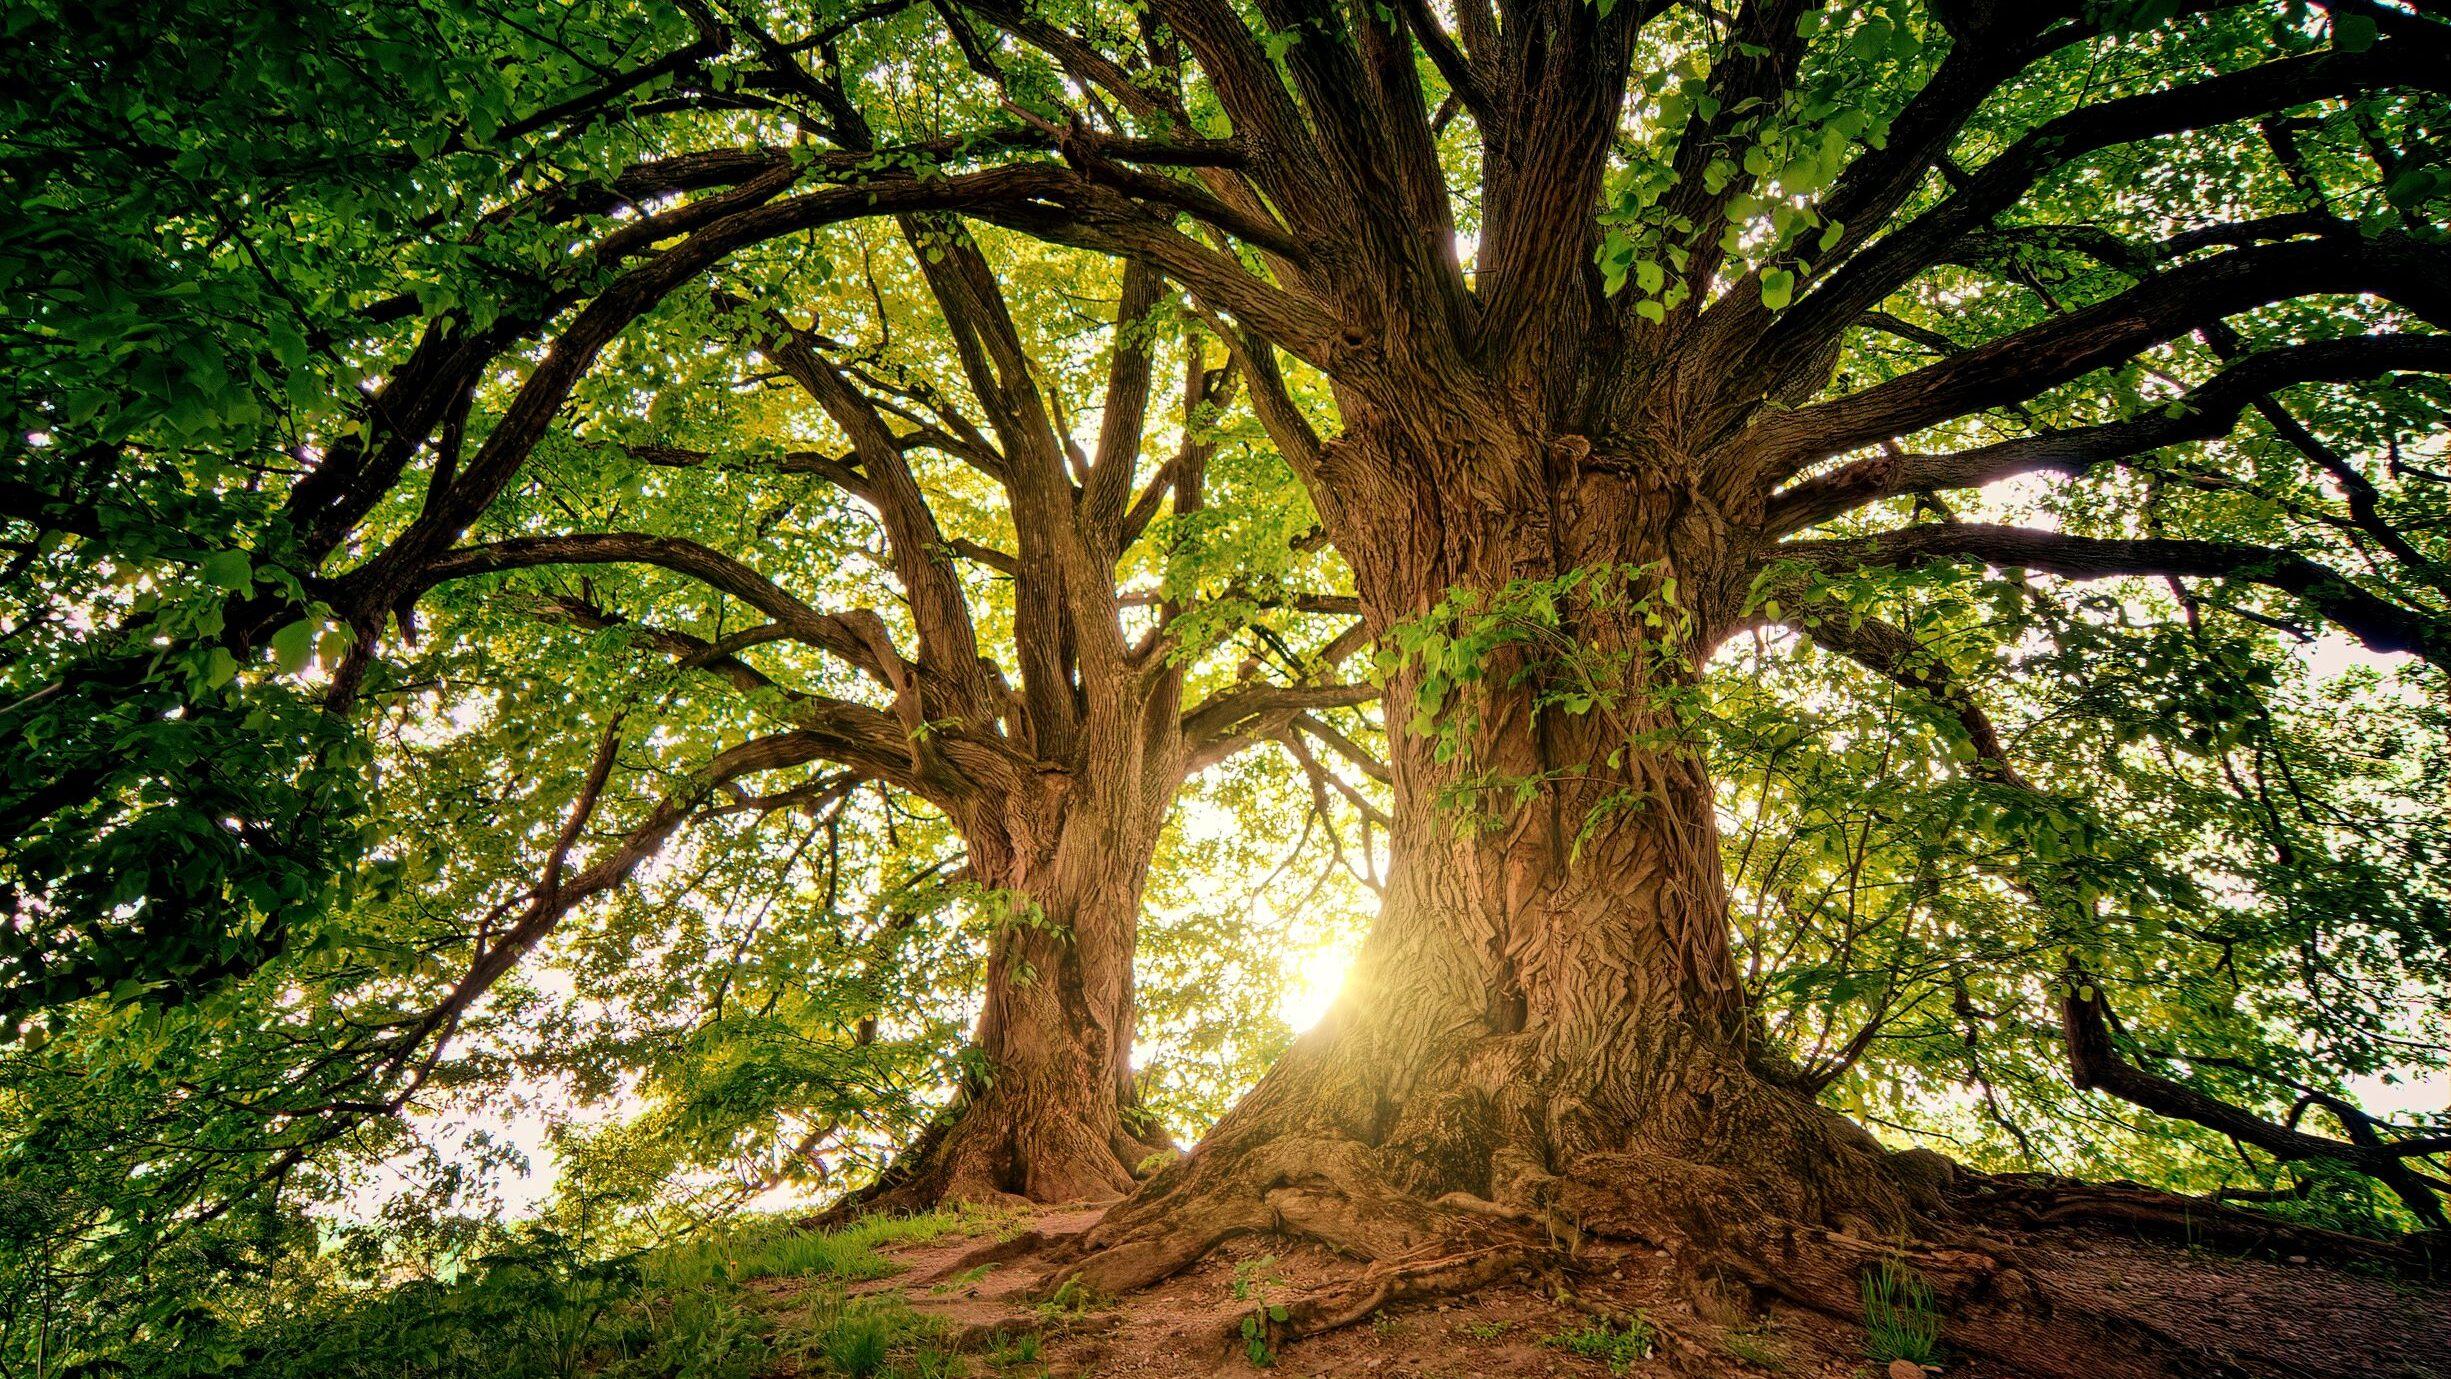 duurzame kunstboom boommade boom in huis binnen boom bomen planten